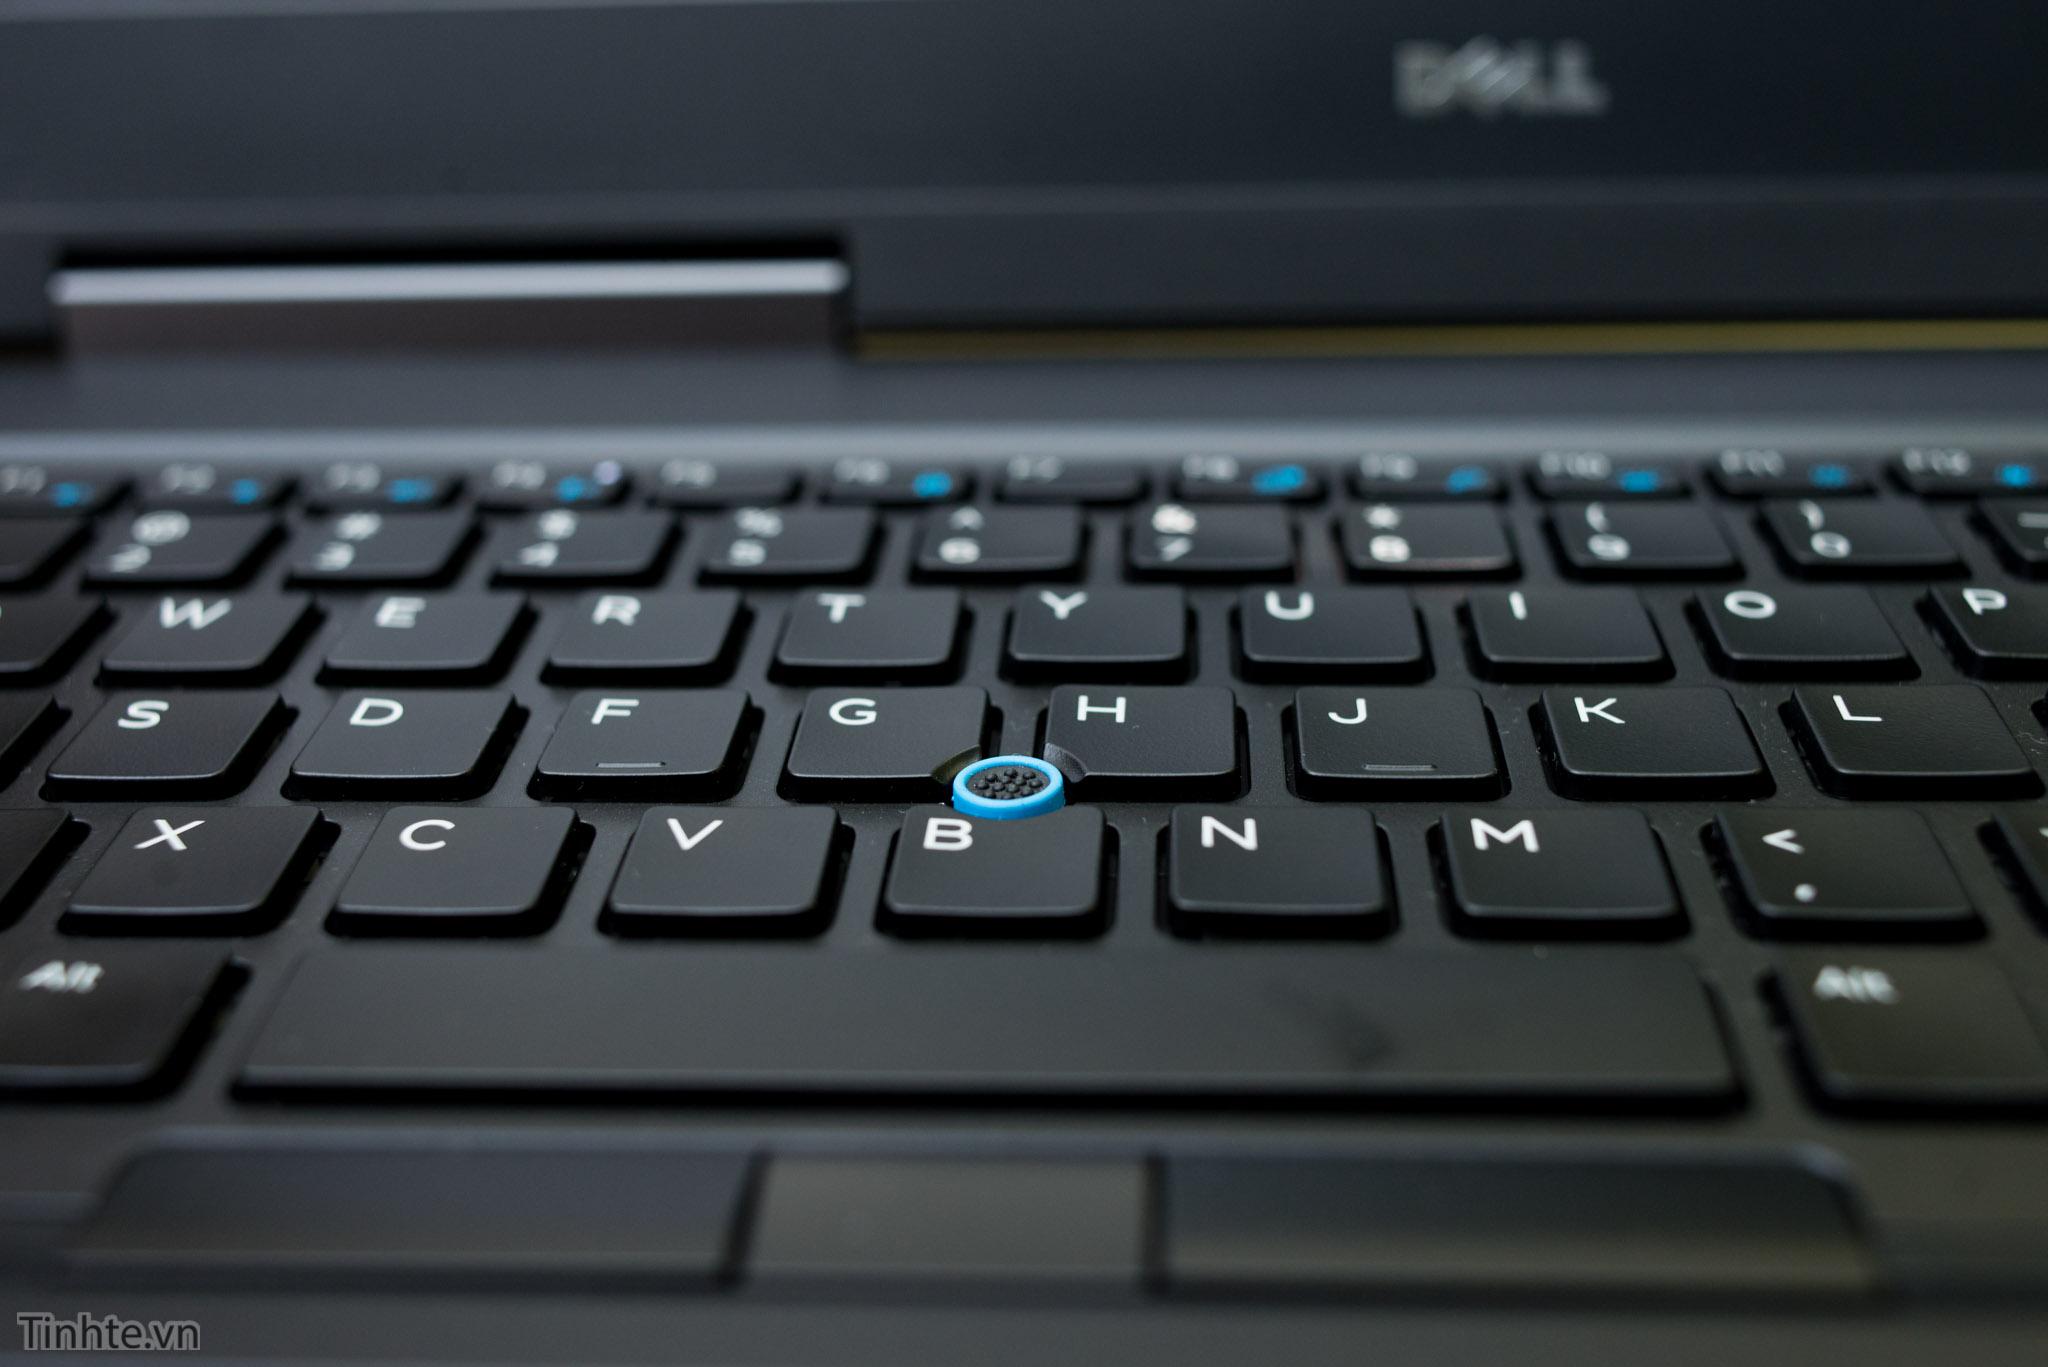 Đang tải Dell 7510_tinhte.vn 12.jpg…